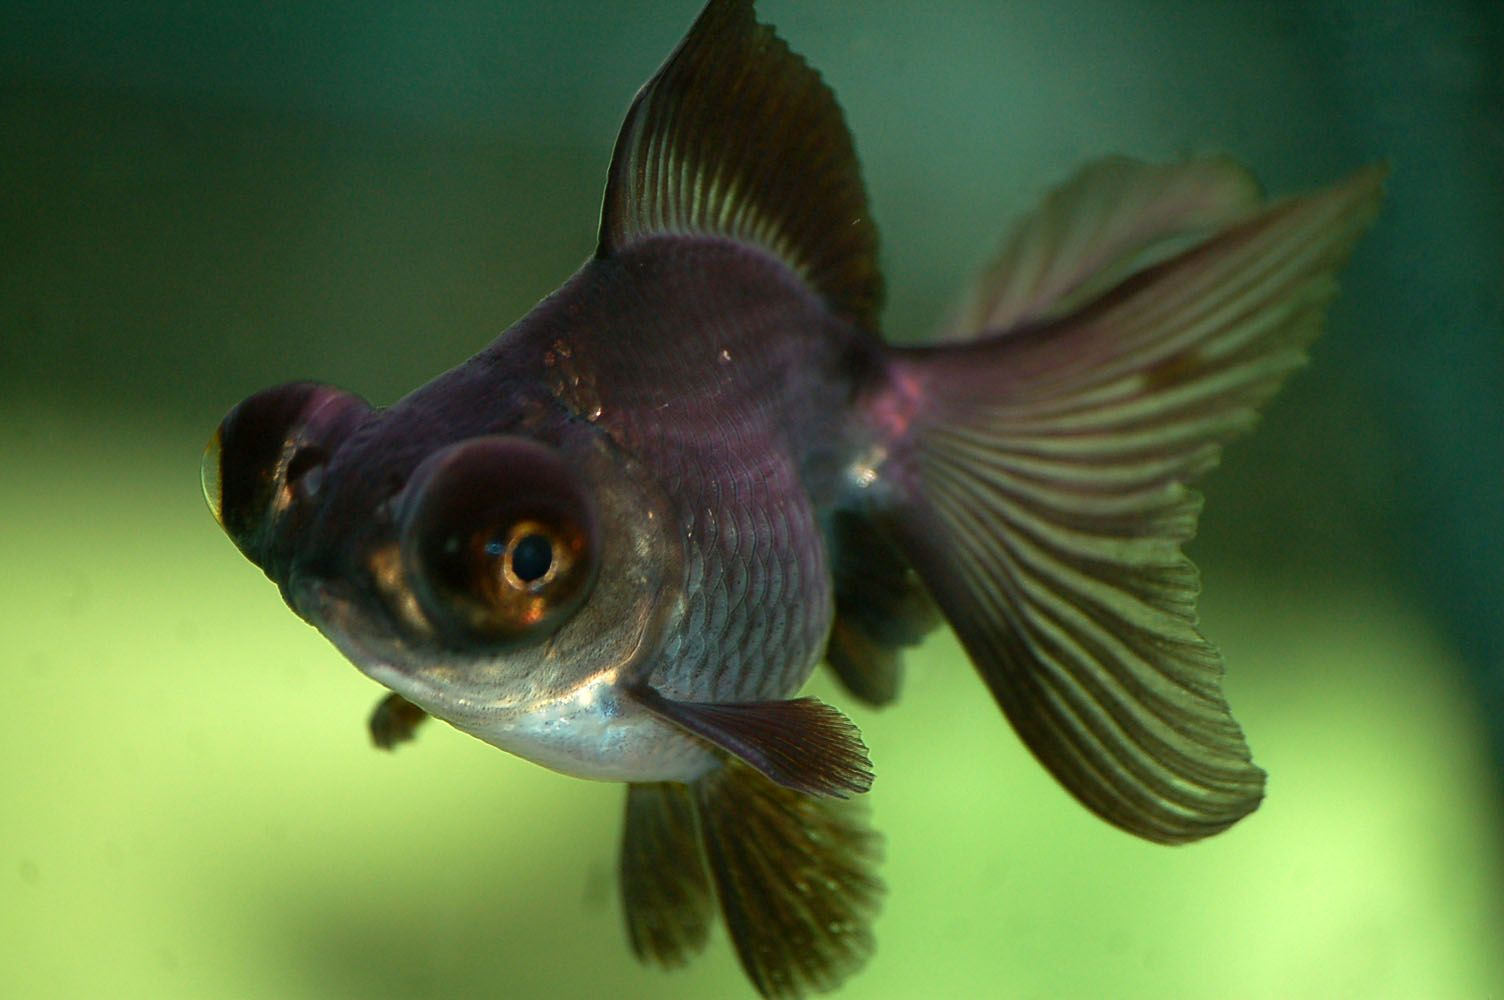 аквариумные рыбки фото и название-картинки: 20 тыс изображений ...